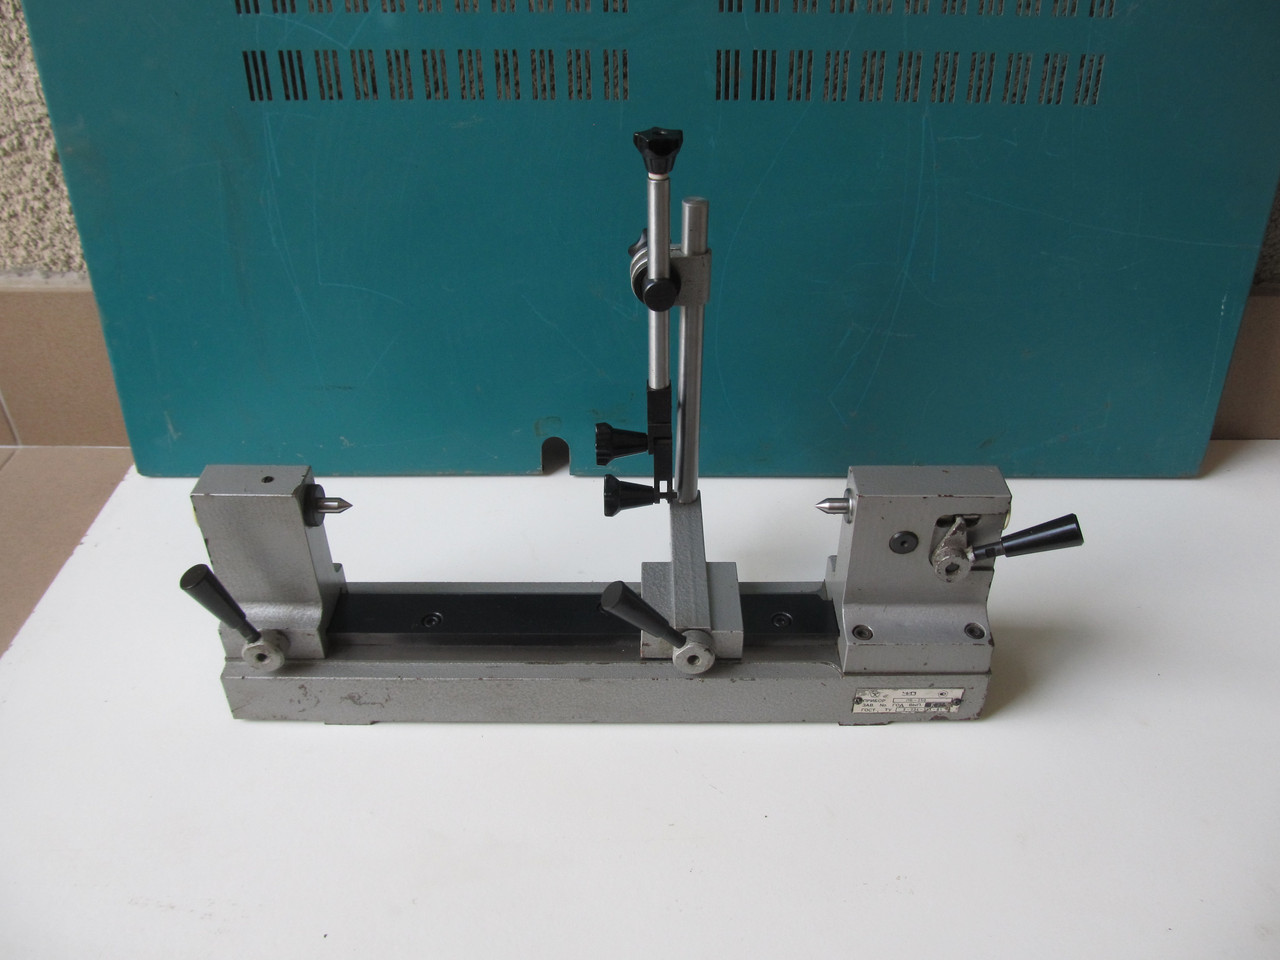 Биениемер (Прибор для контроля изделия на биение в центрах) ПБМ 250, возможна калибровка в УкрЦСМ